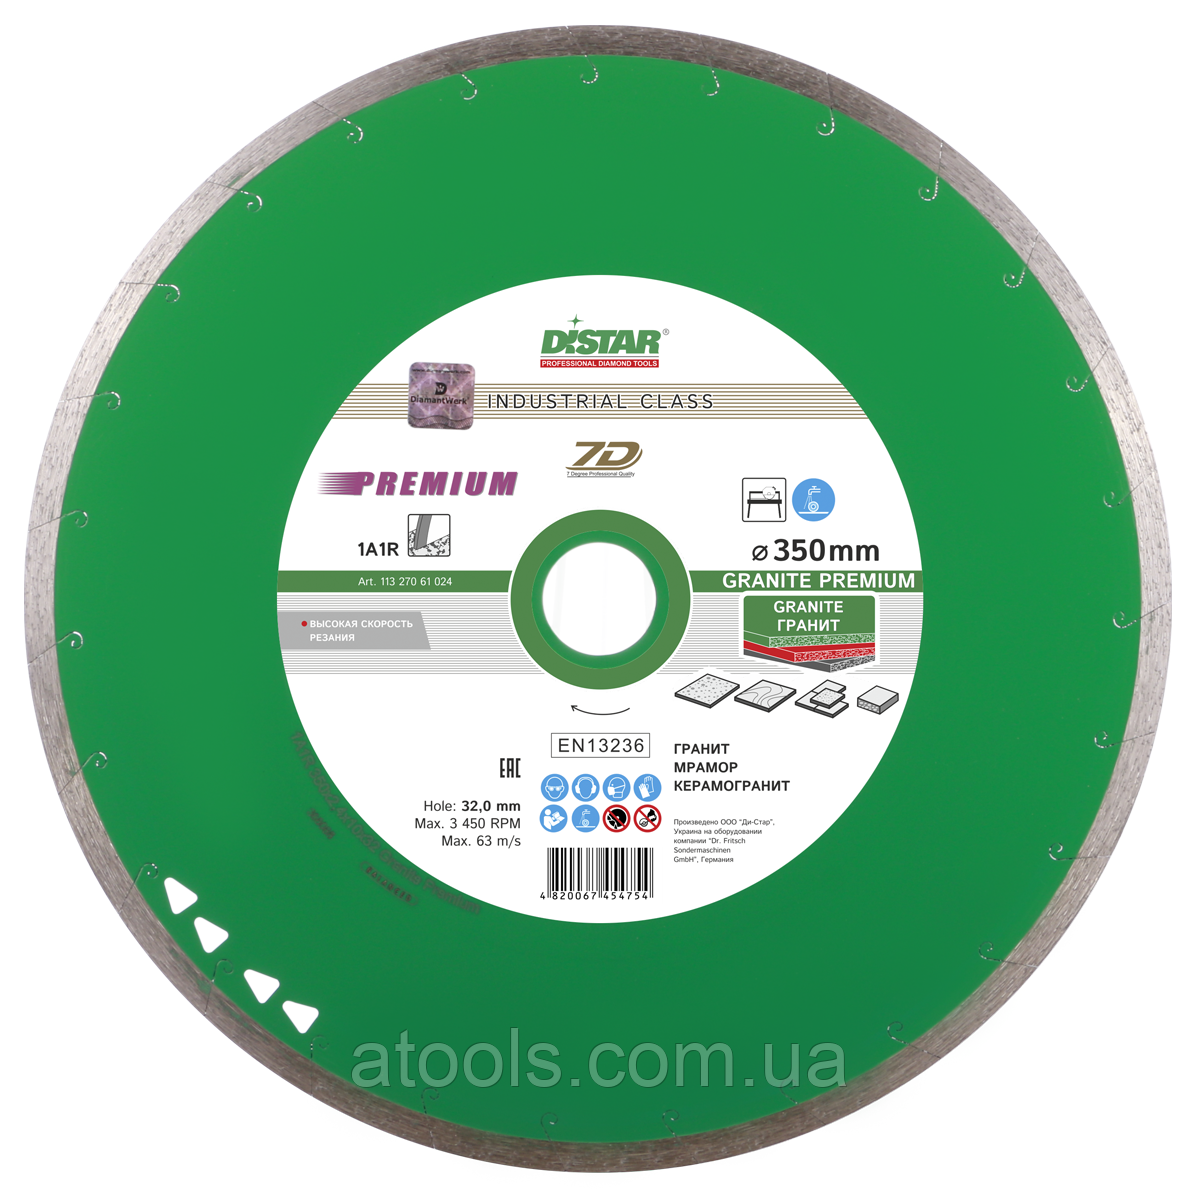 Алмазный отрезной диск Distar Granite Premium 1A1R 350x2.4x10x32 (11327061024)